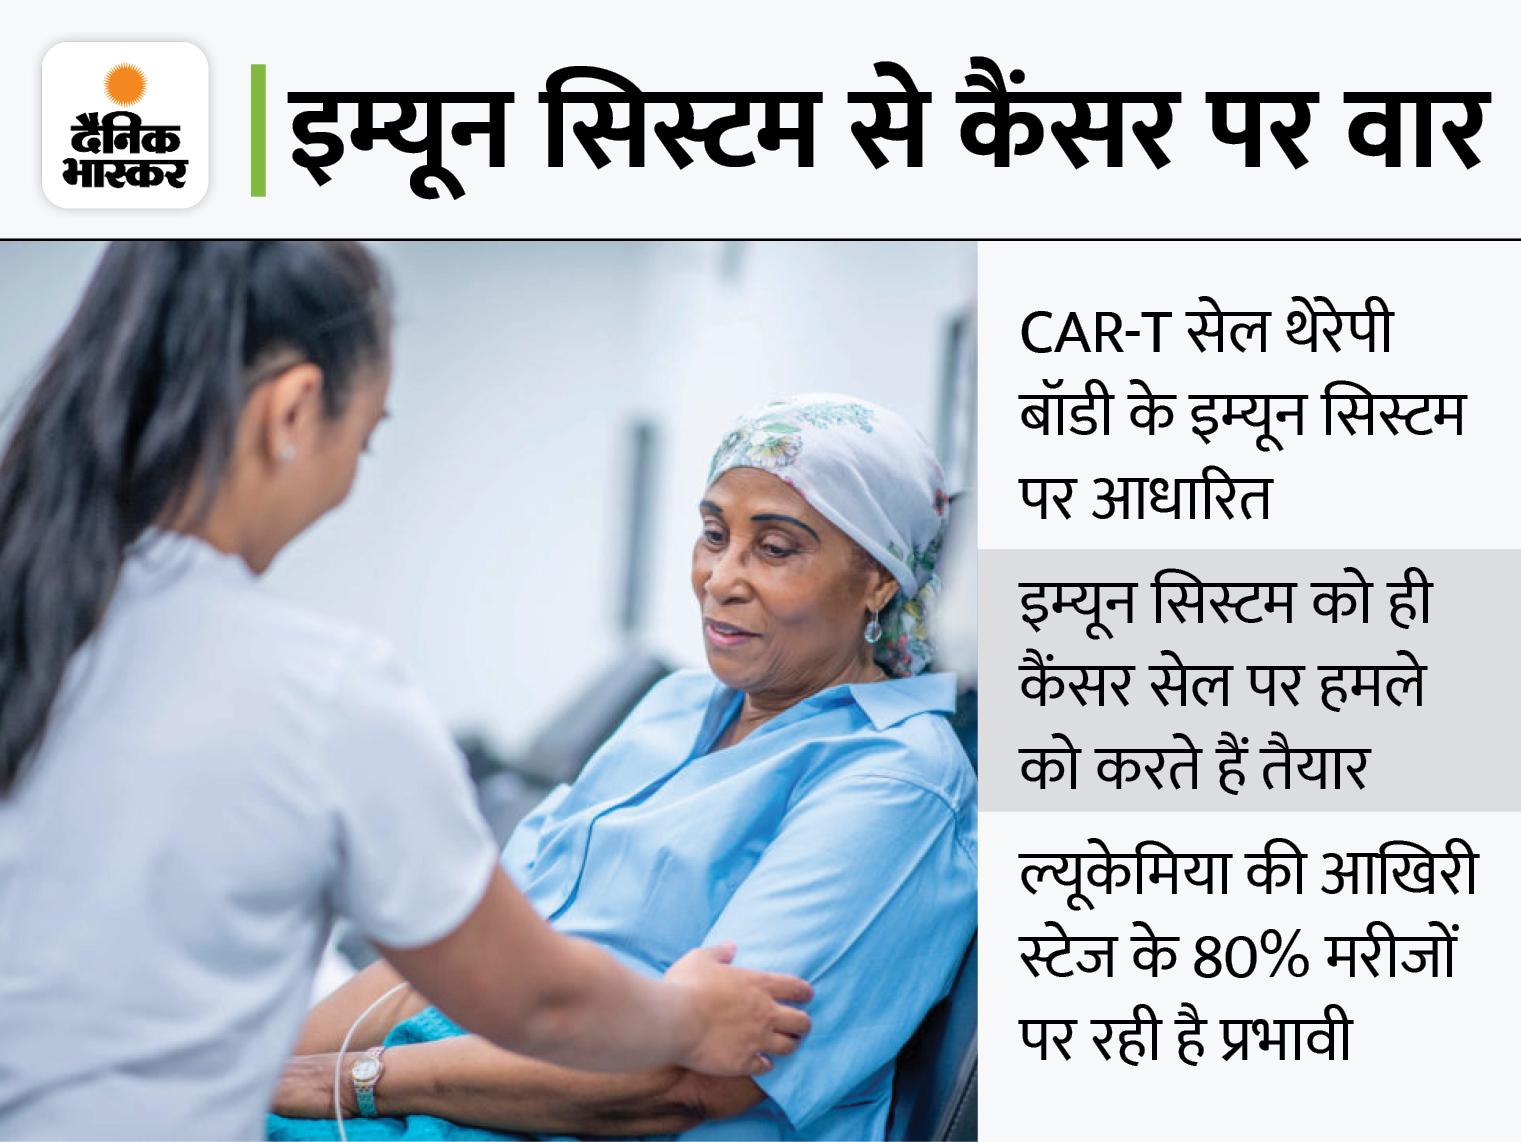 कोरिया में खोजी गई कैंसर खत्म करने वाली CAR-T थेरेपी, शुरू किया गया पहला क्लीनिकल ट्रायल विदेश,International - Dainik Bhaskar